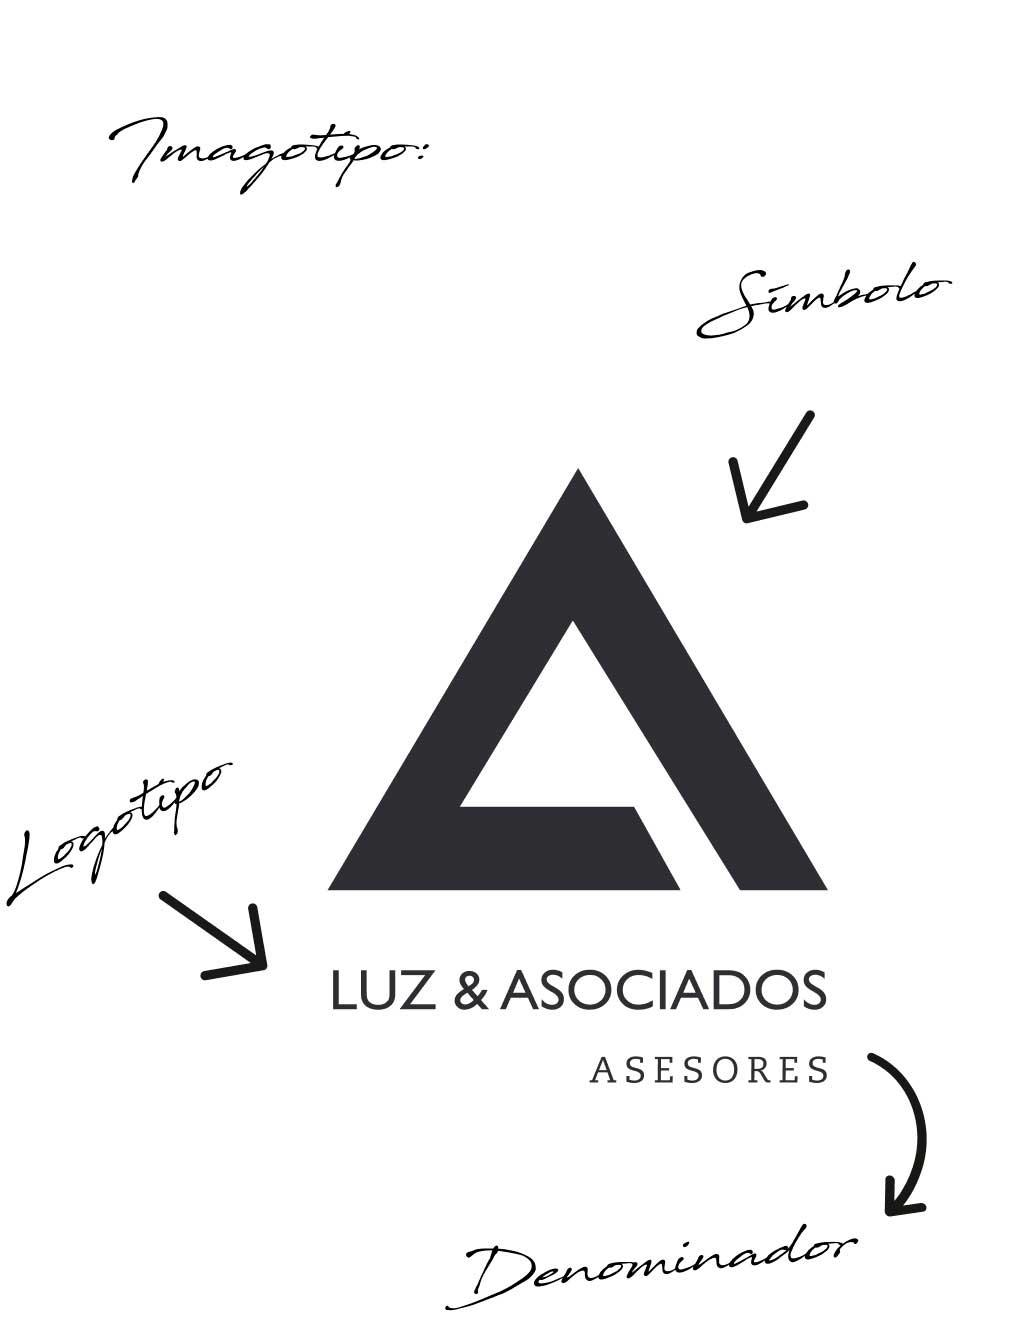 Diseño identidad corporativa por agencia diseño gráfico